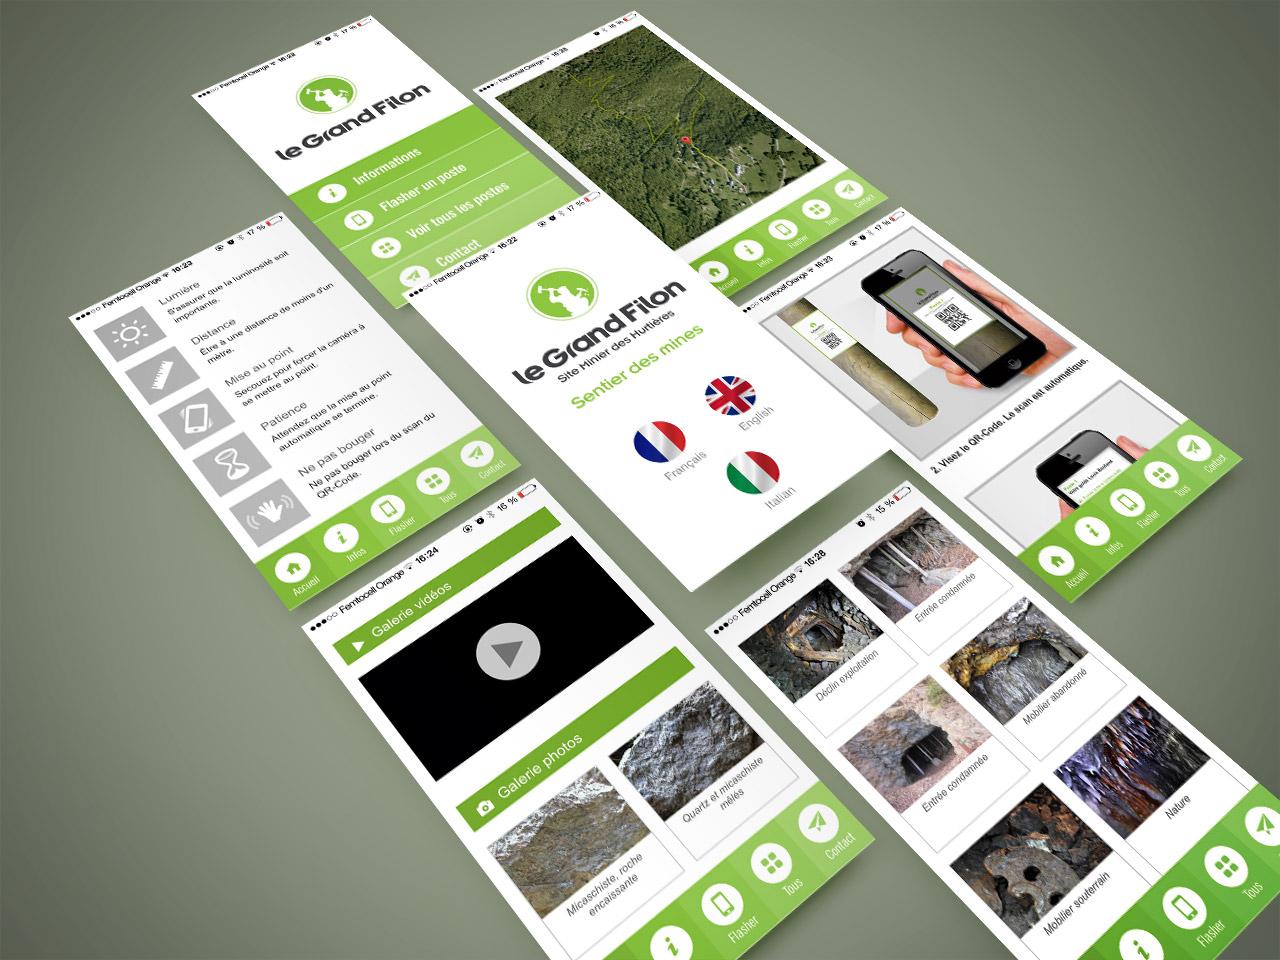 le-grand-filon-app-application-creation-communication-caconcept-alexis-cretin-graphiste